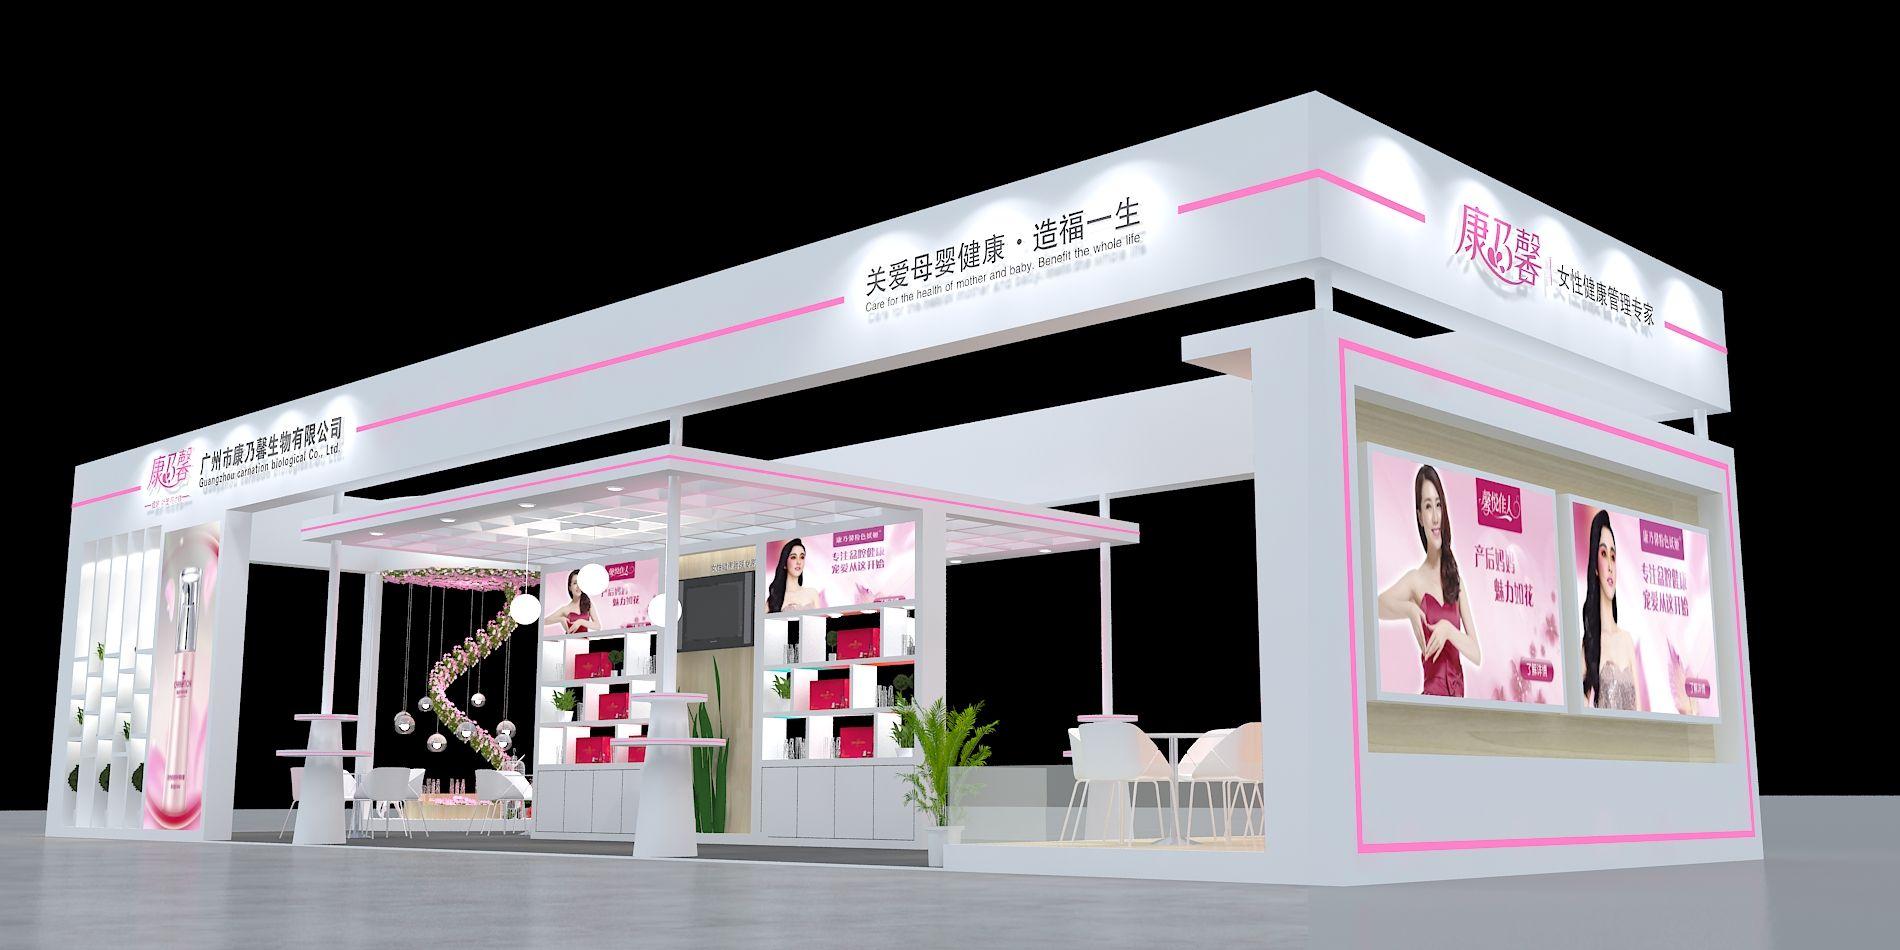 广州美博会展位展示